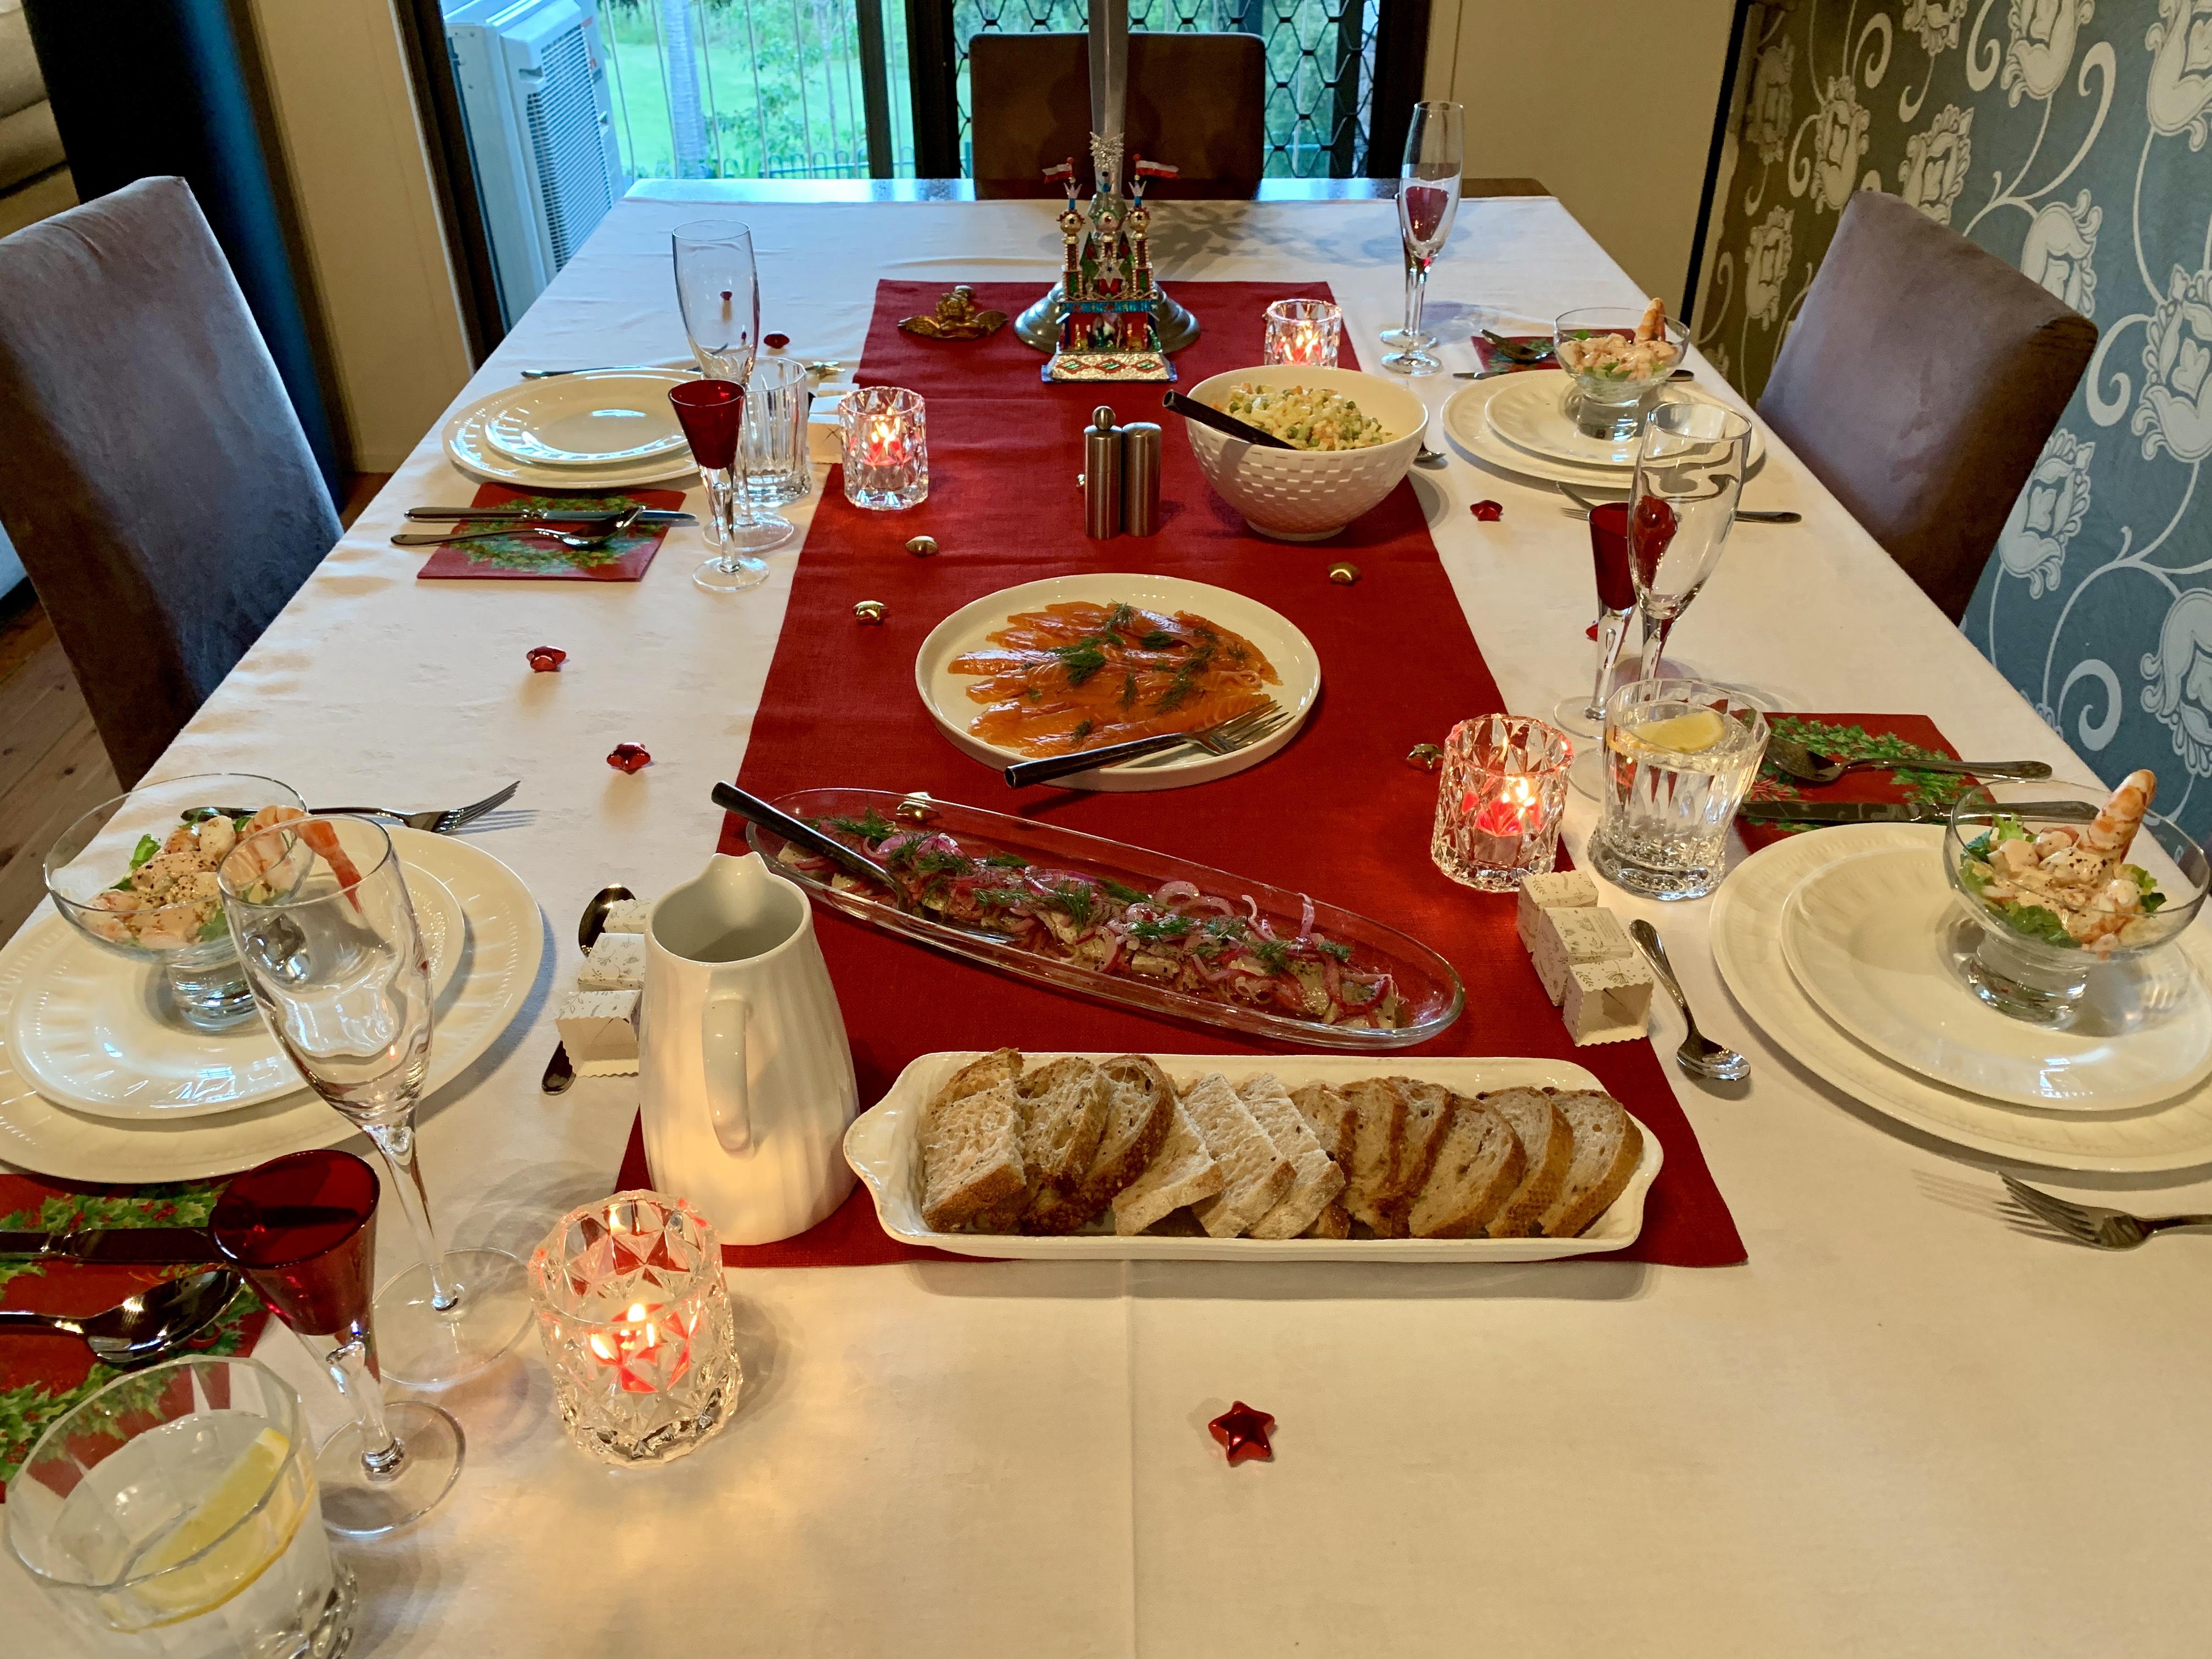 Food For Christmas Eve.File Christmas Eve Dinner Table With Christmas Food 02 Jpg